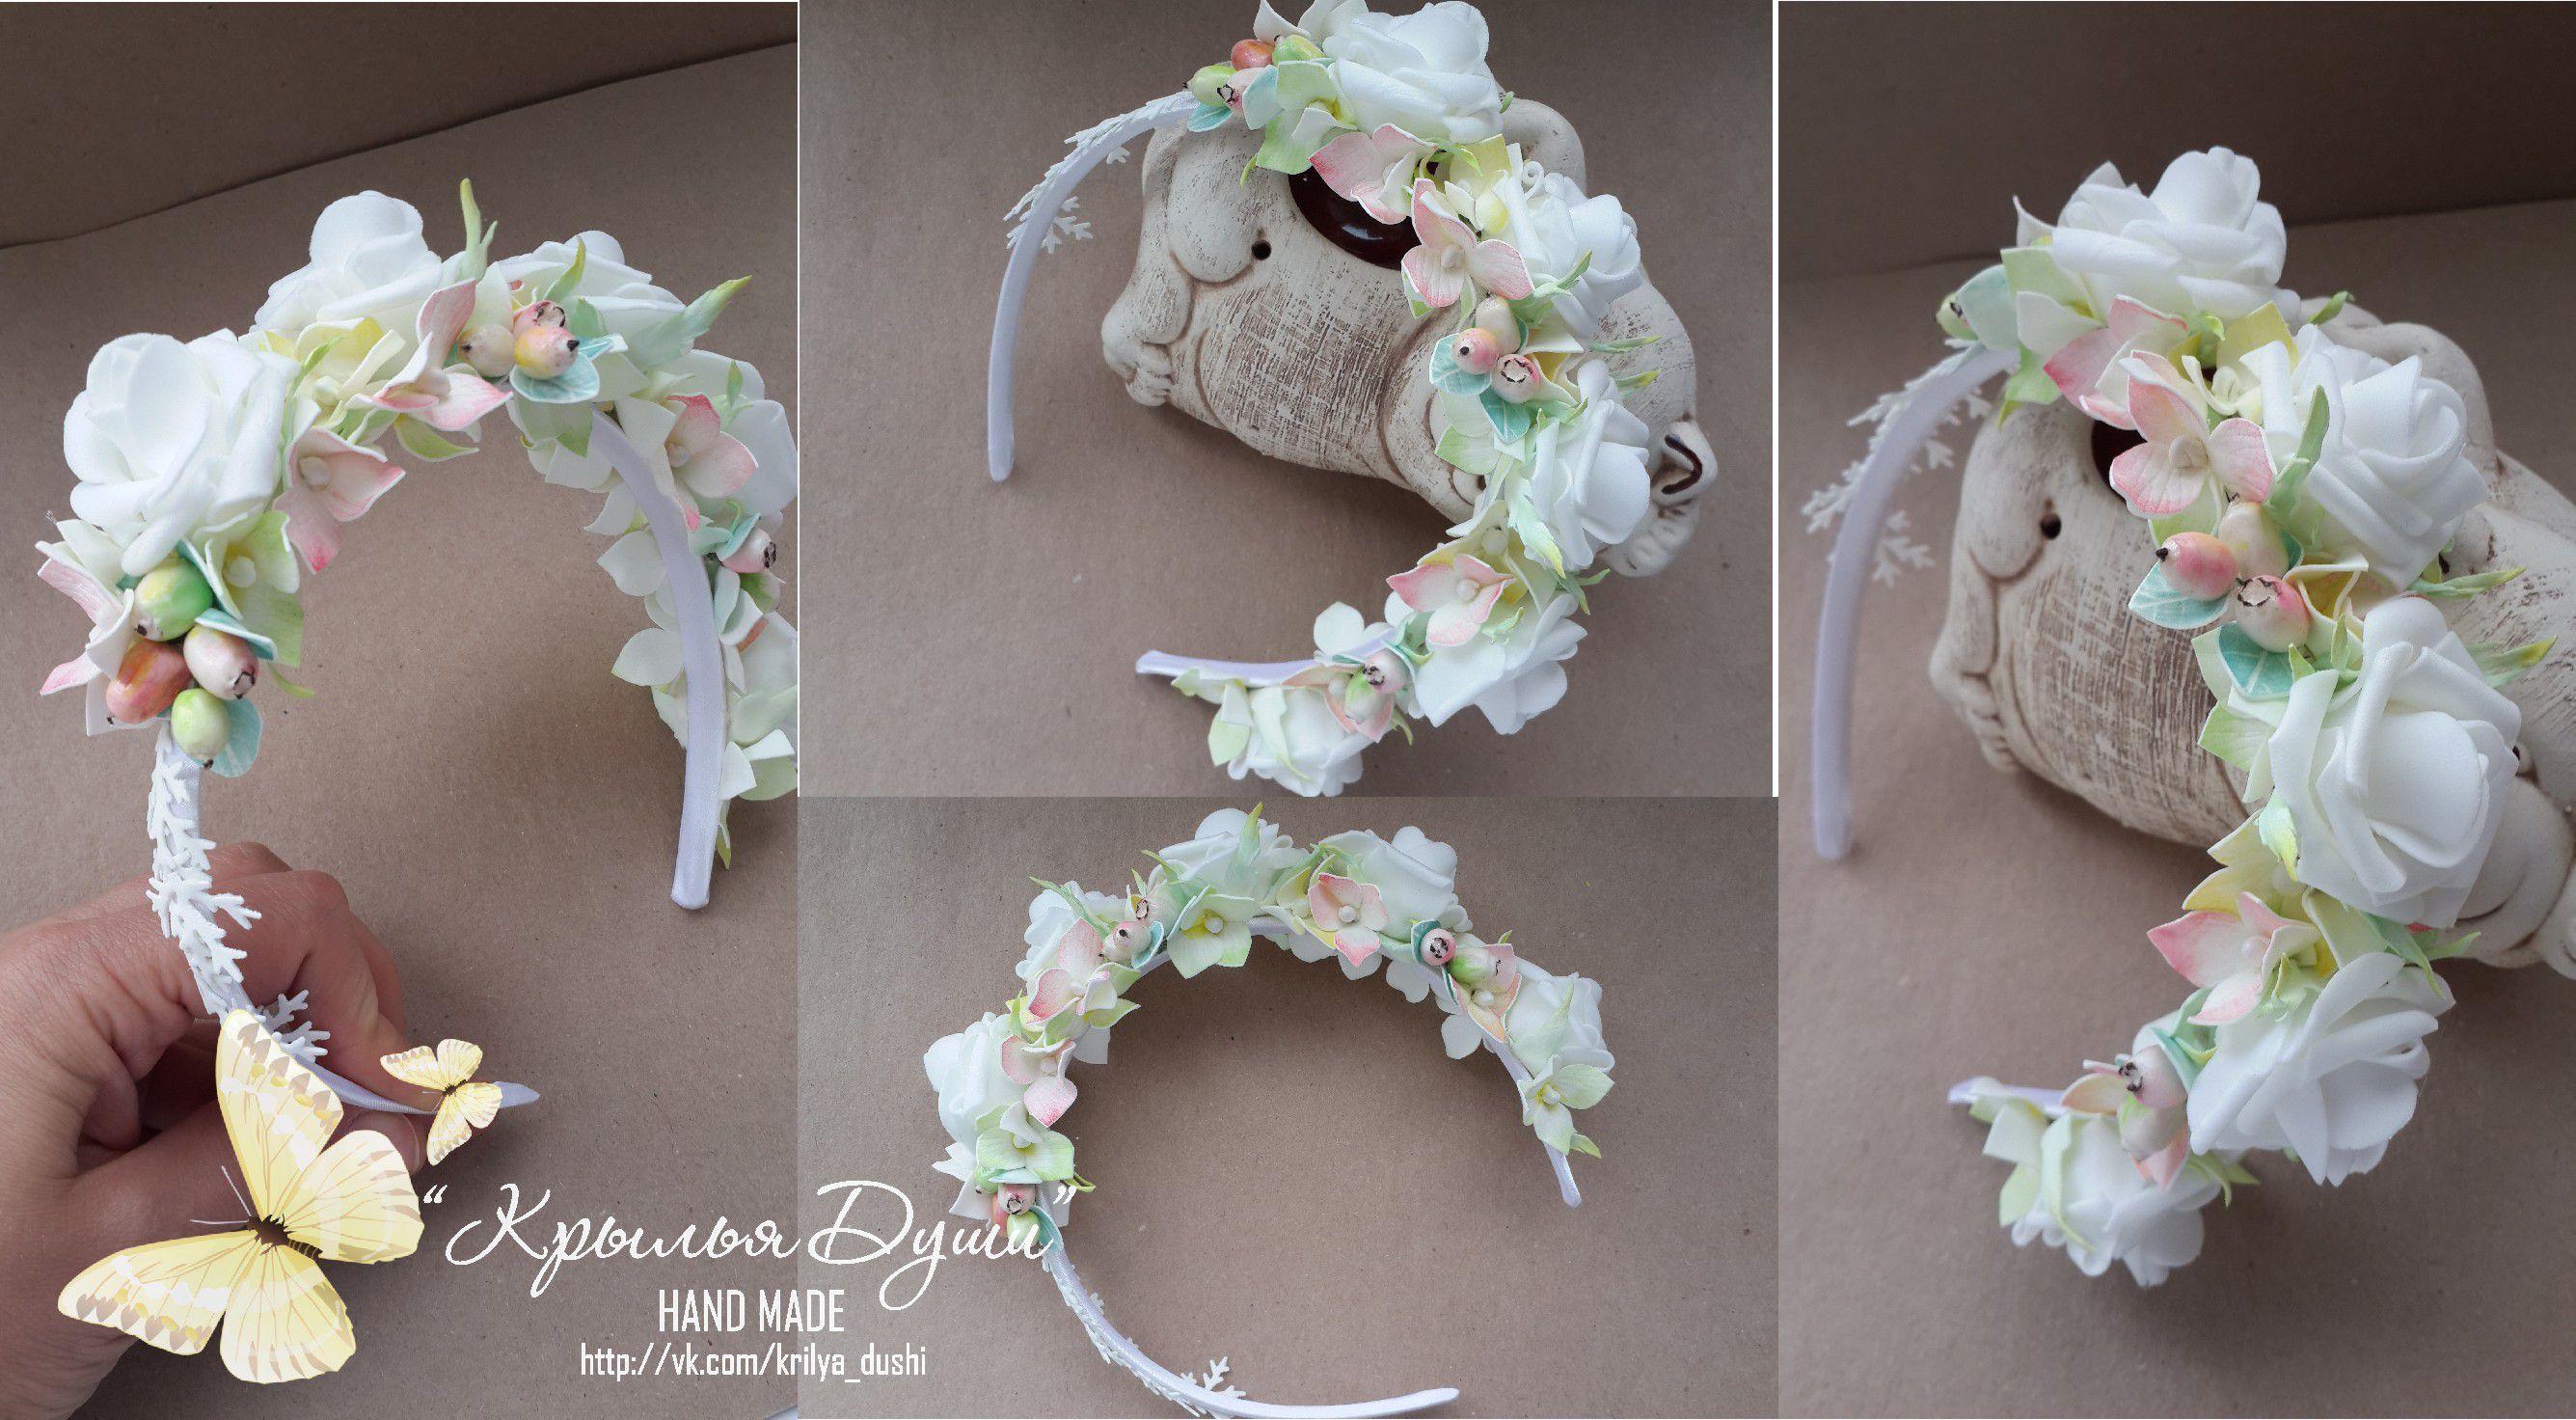 волос украшение фоамиран ободок ручная для работа цветы роза